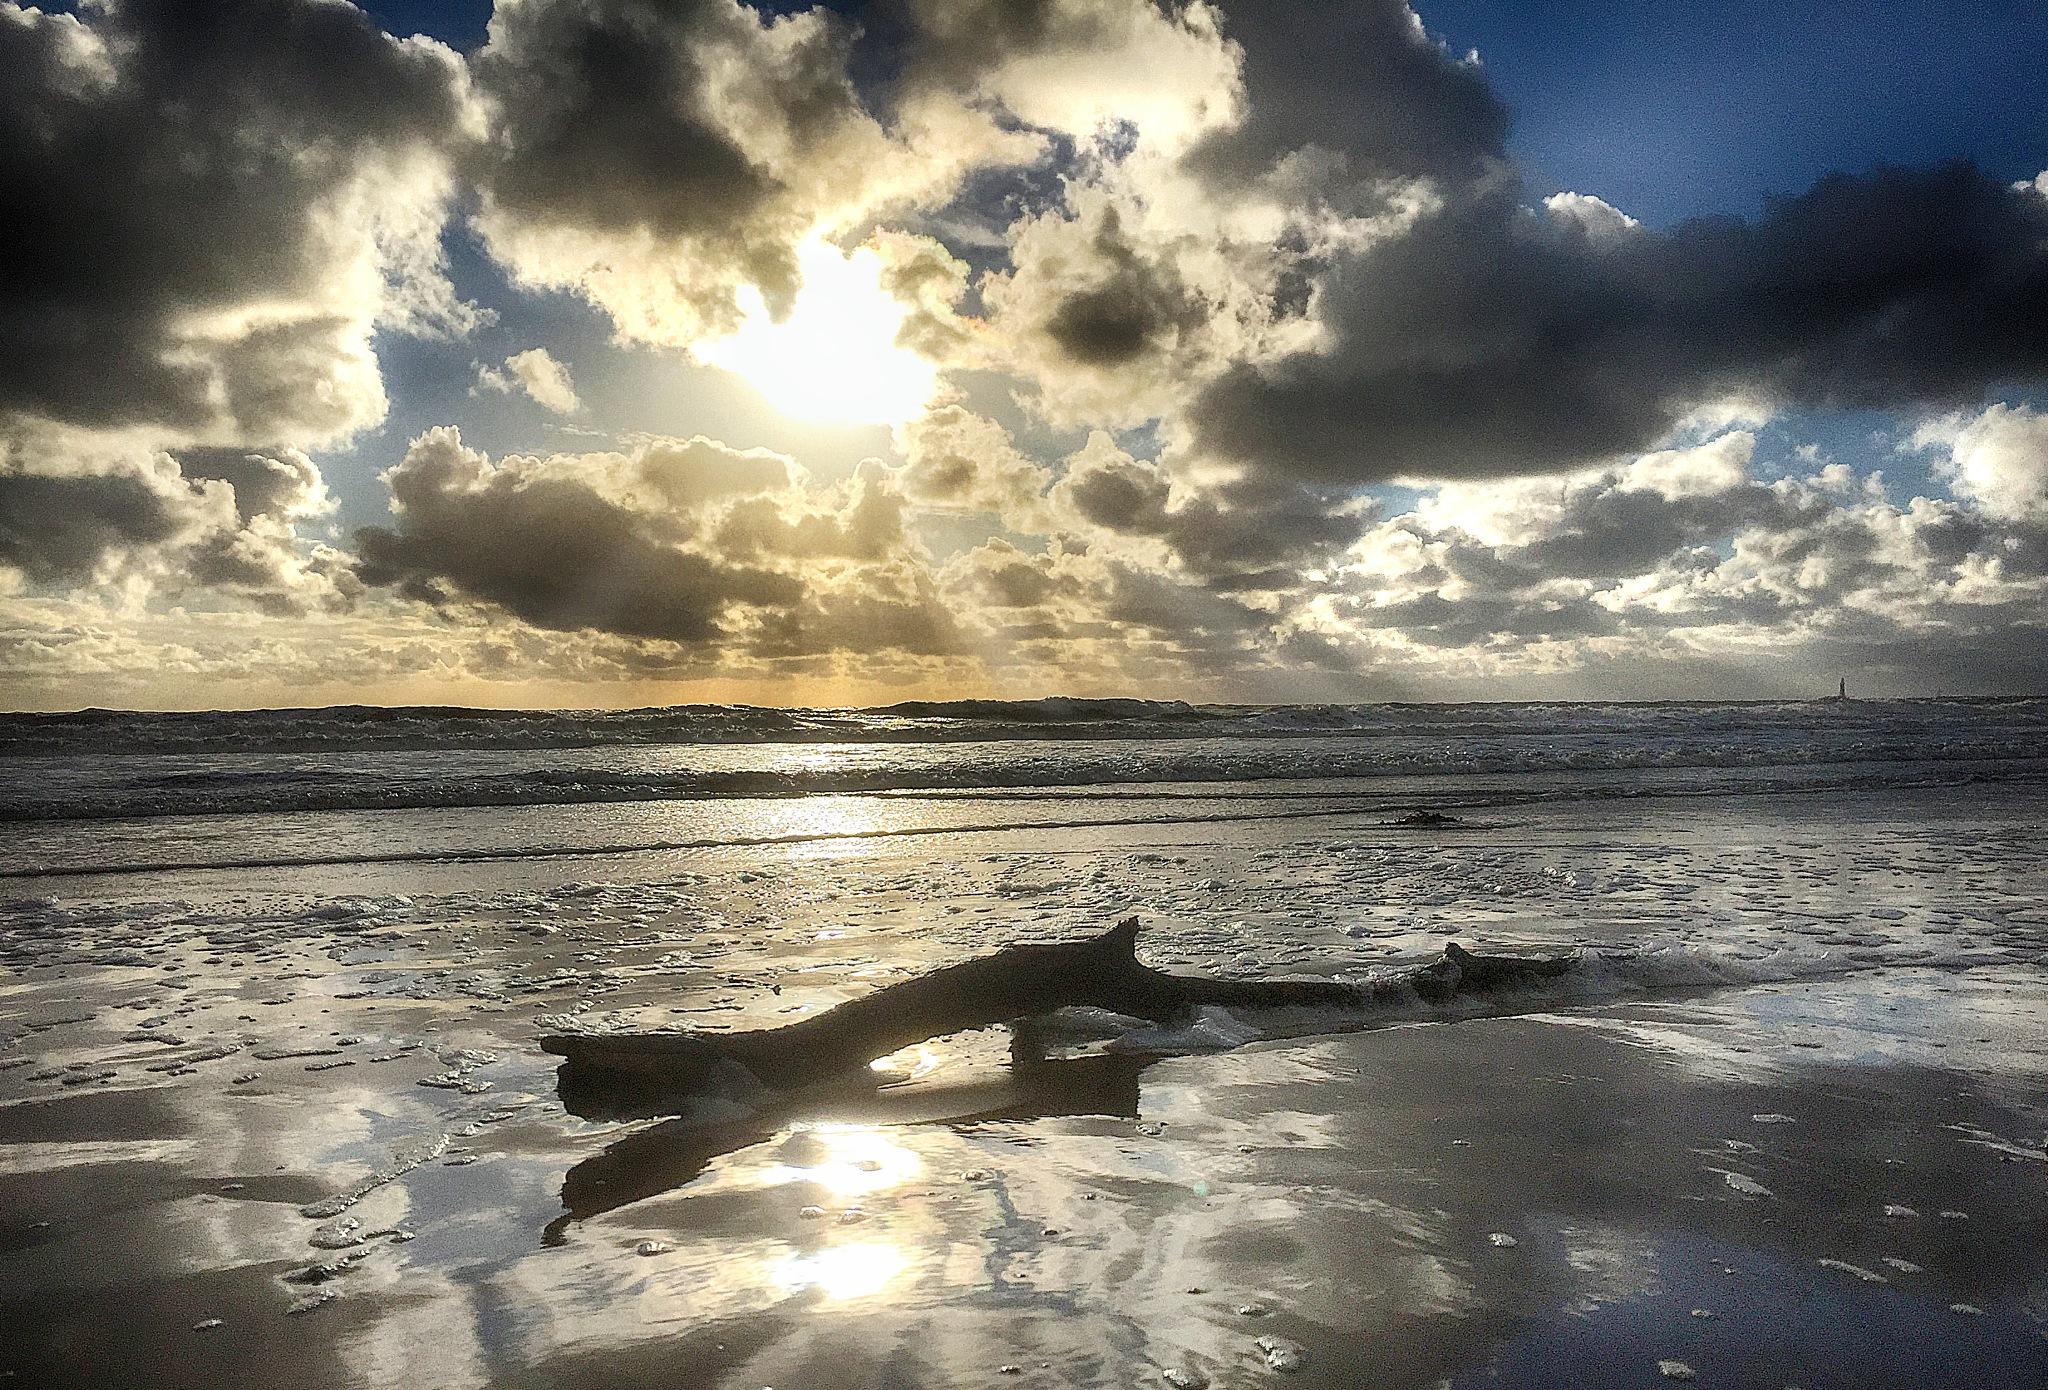 Wet and windy by Nigel S Jones